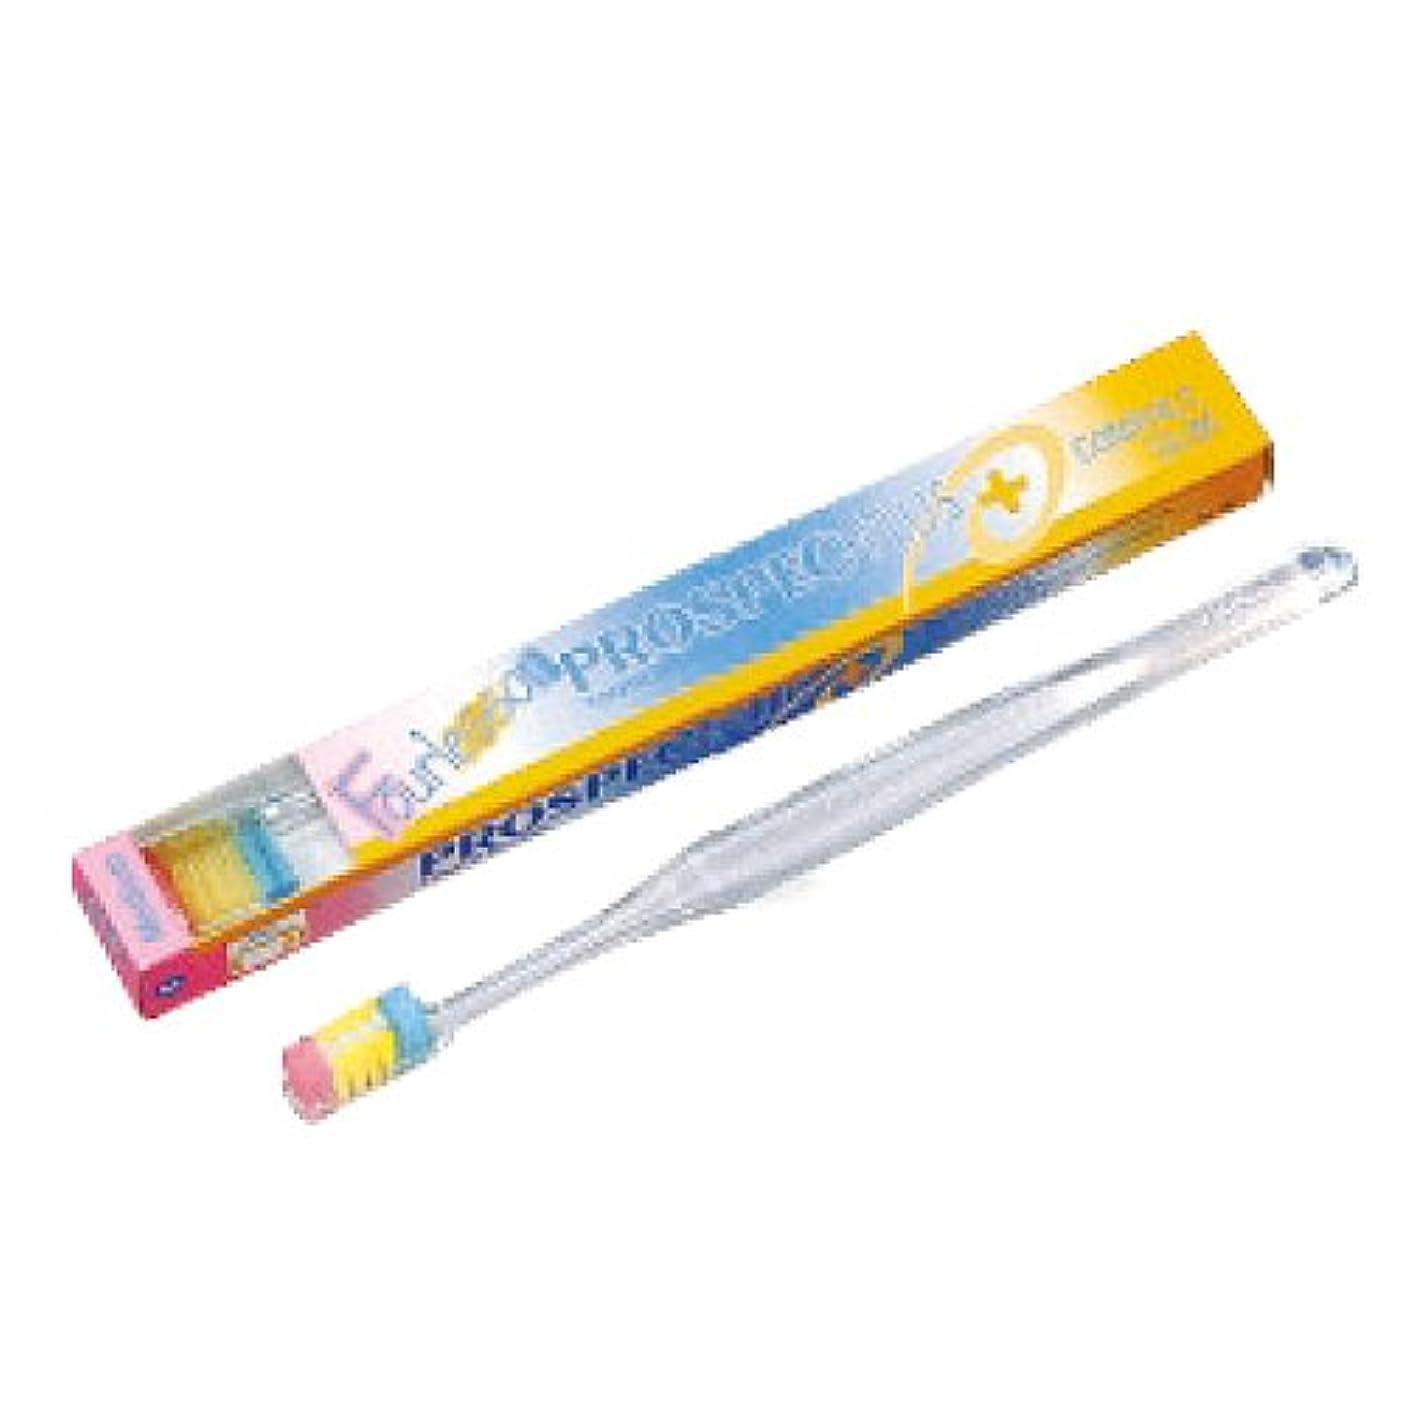 人口ぺディカブ部分プロスペック 歯ブラシ コンパクトスリム 1本 フォーレッスン 毛の硬さ ふつう